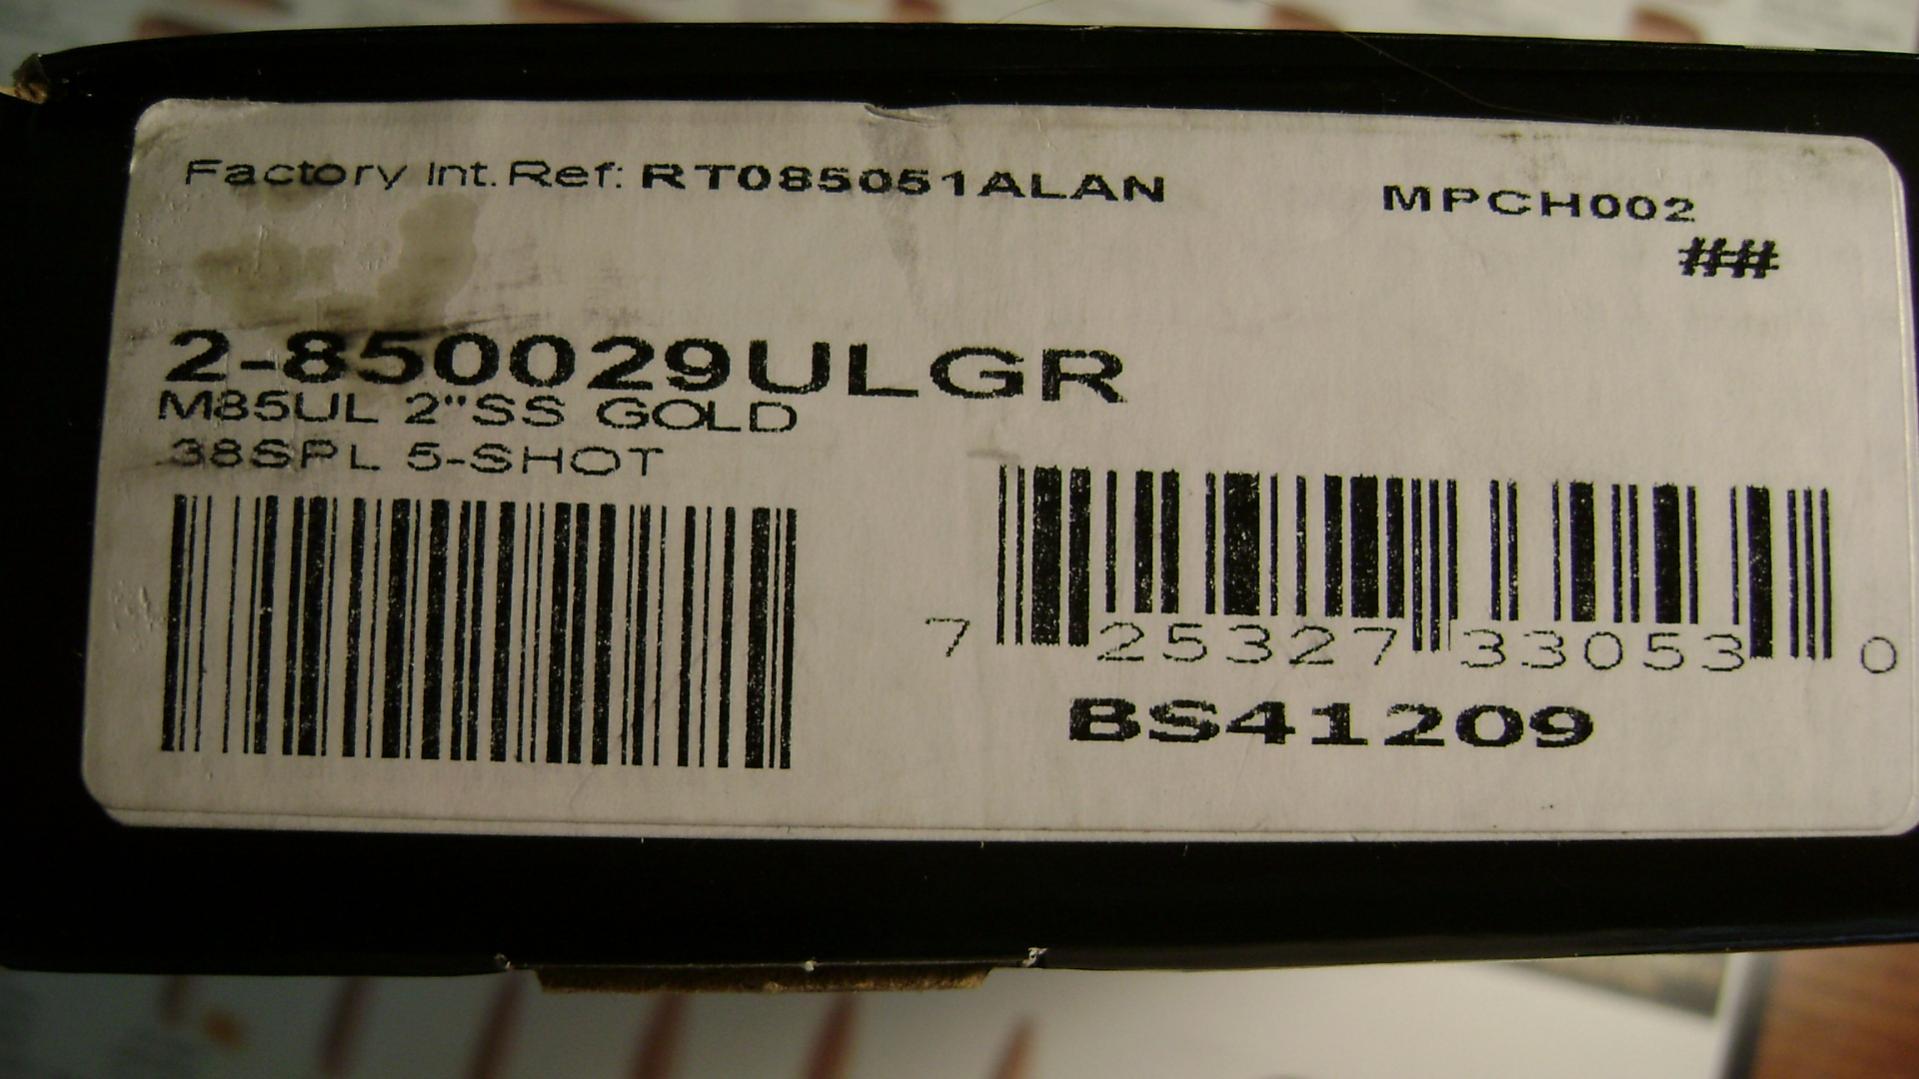 F/S Taurus Ultralight Gold edition .38+P New in Box!-dsc01044.jpg